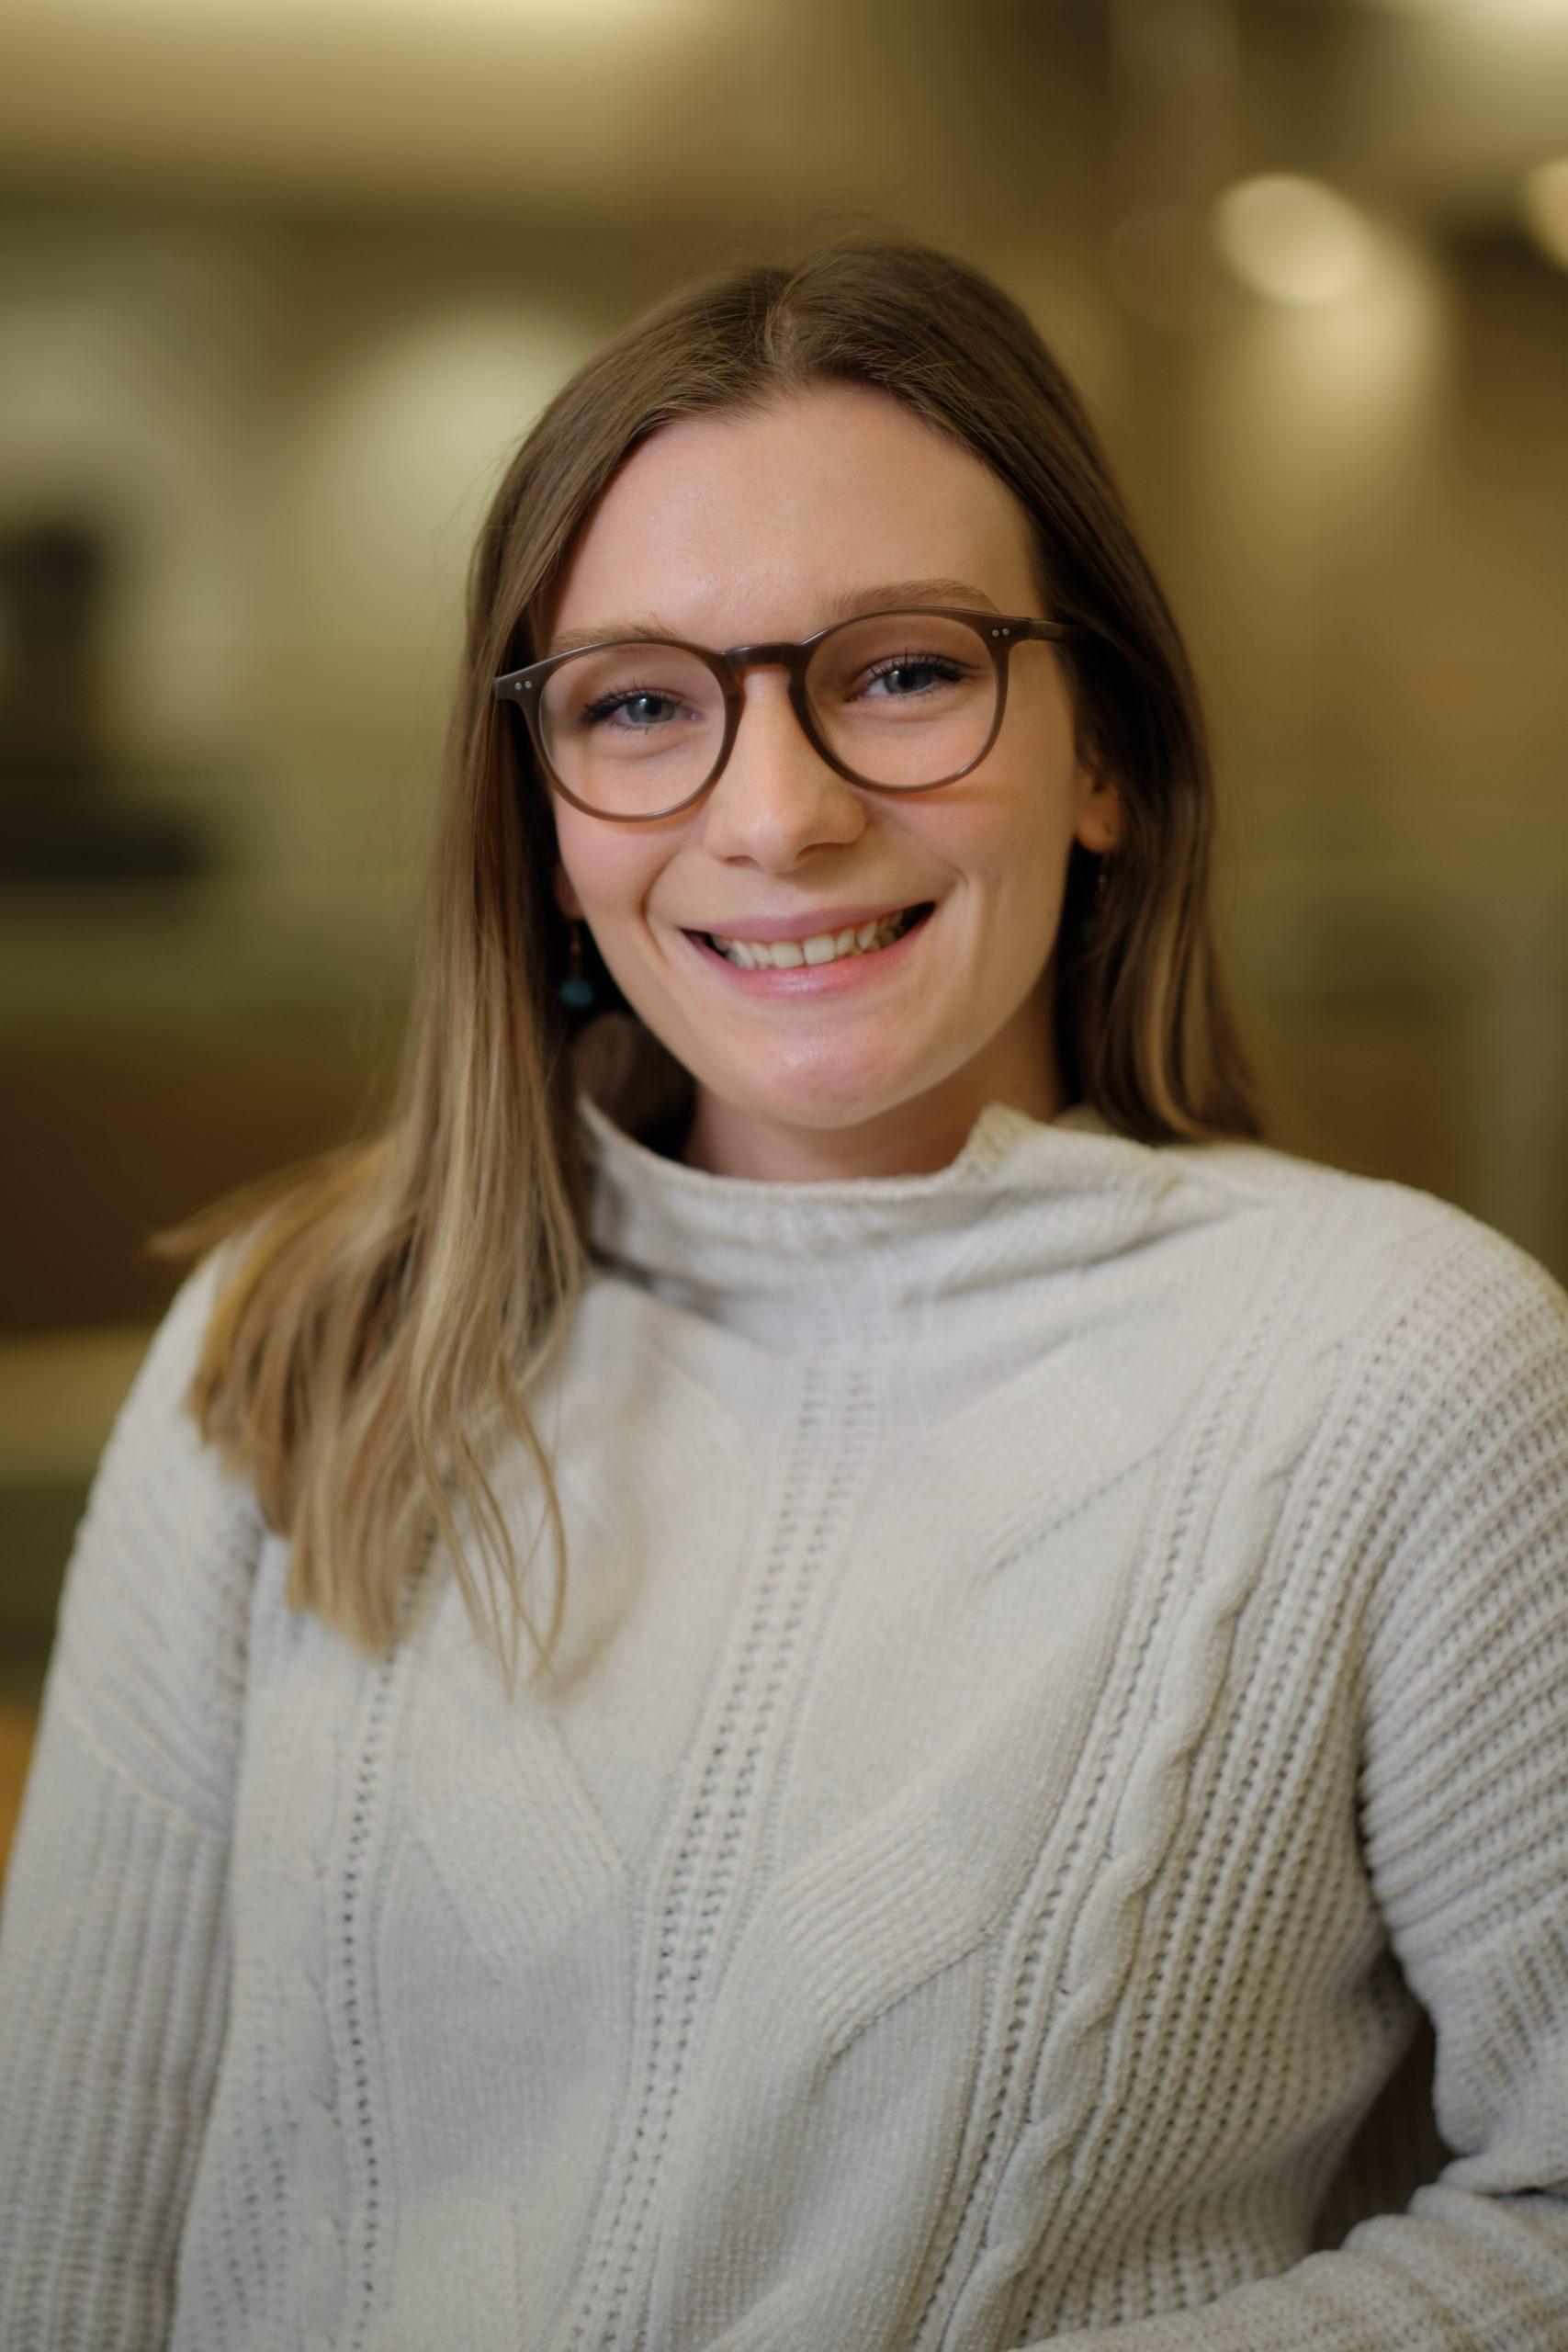 Katy DeConcini